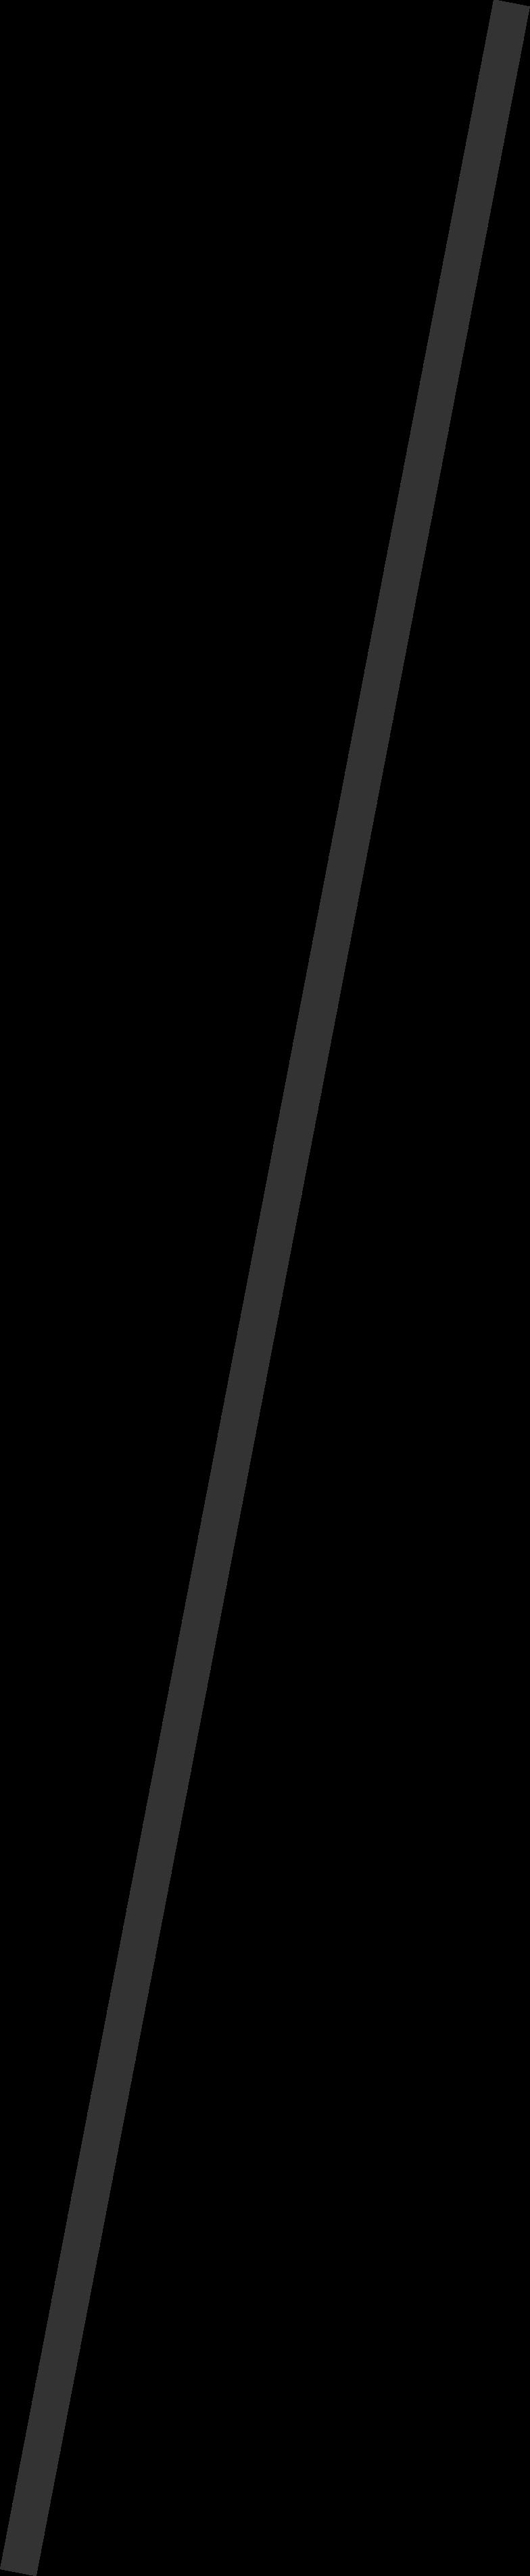 line black Clipart illustration in PNG, SVG